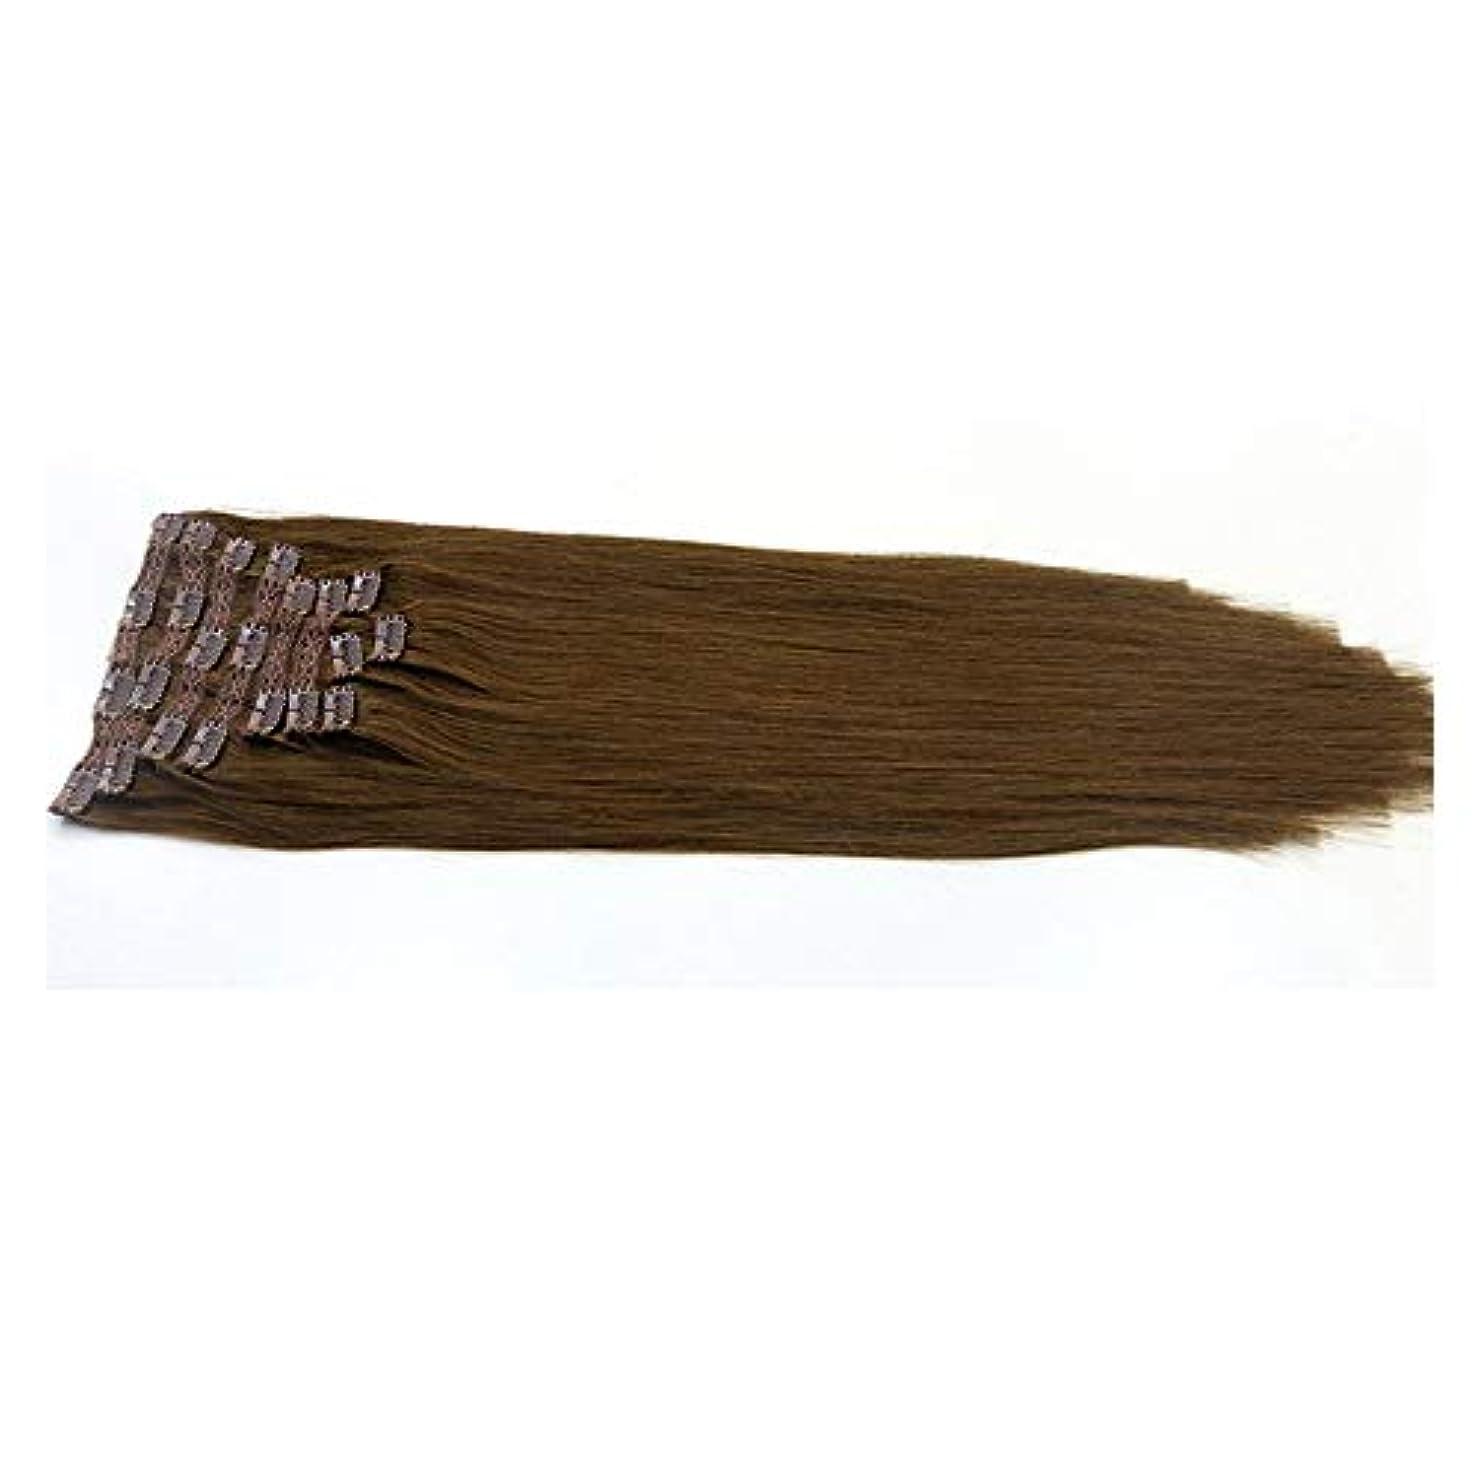 田舎主導権辞任するJULYTER ブラジルのヘアエクステンションクリップ人間の髪の毛のワンピース3/4フルヘッドレミー生物学的連続横糸 (色 : ブラウン, サイズ : 22 inch)